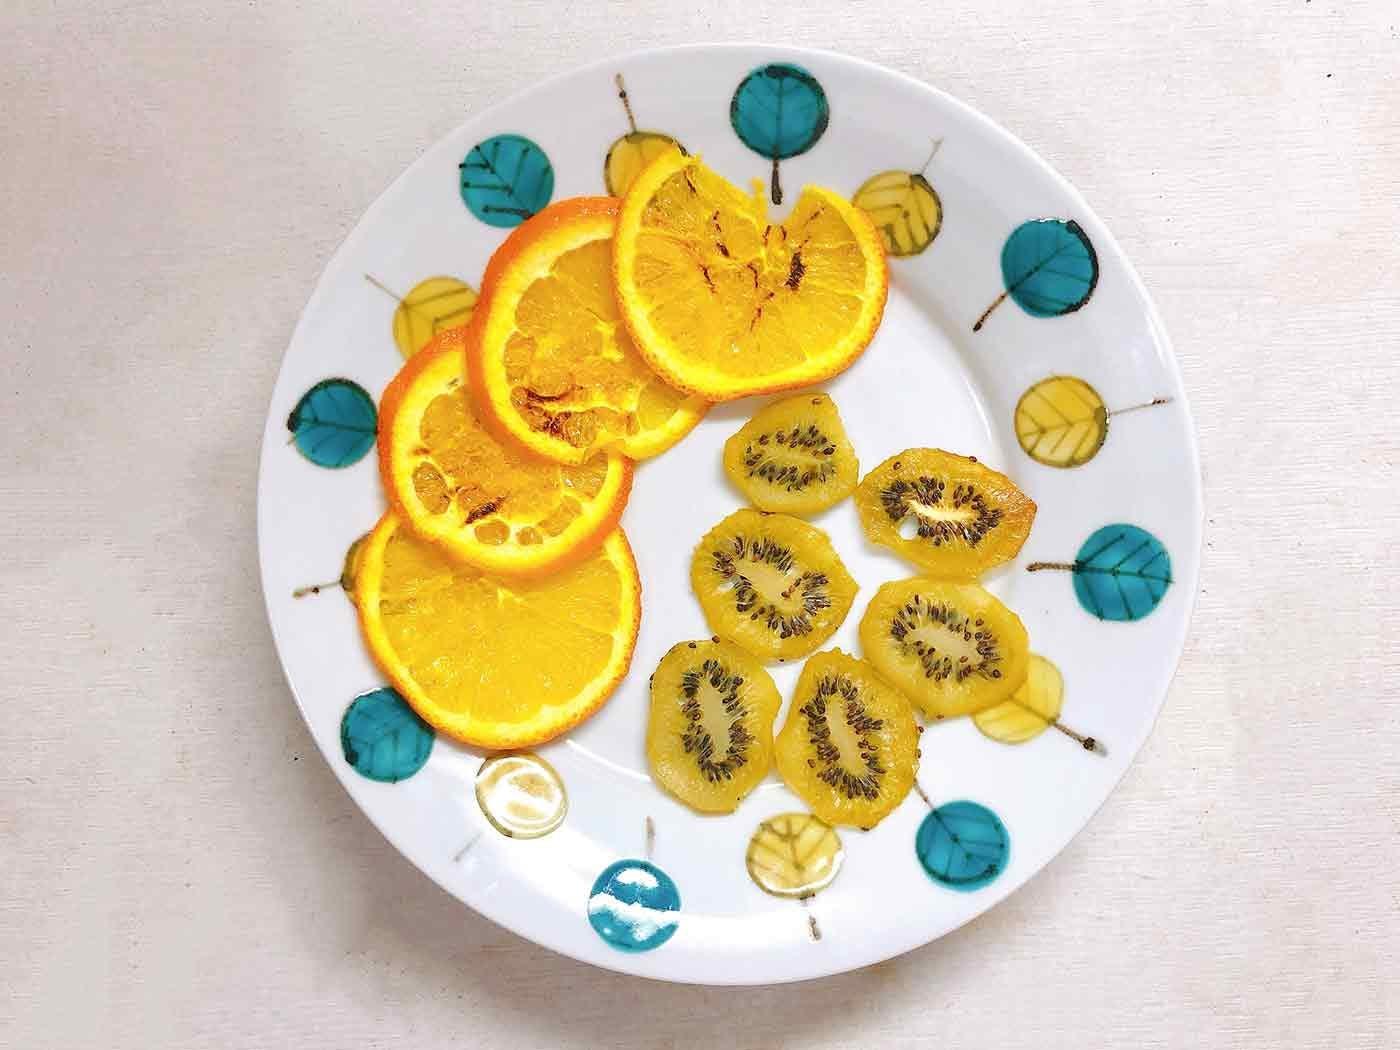 加熱後のフルーツ